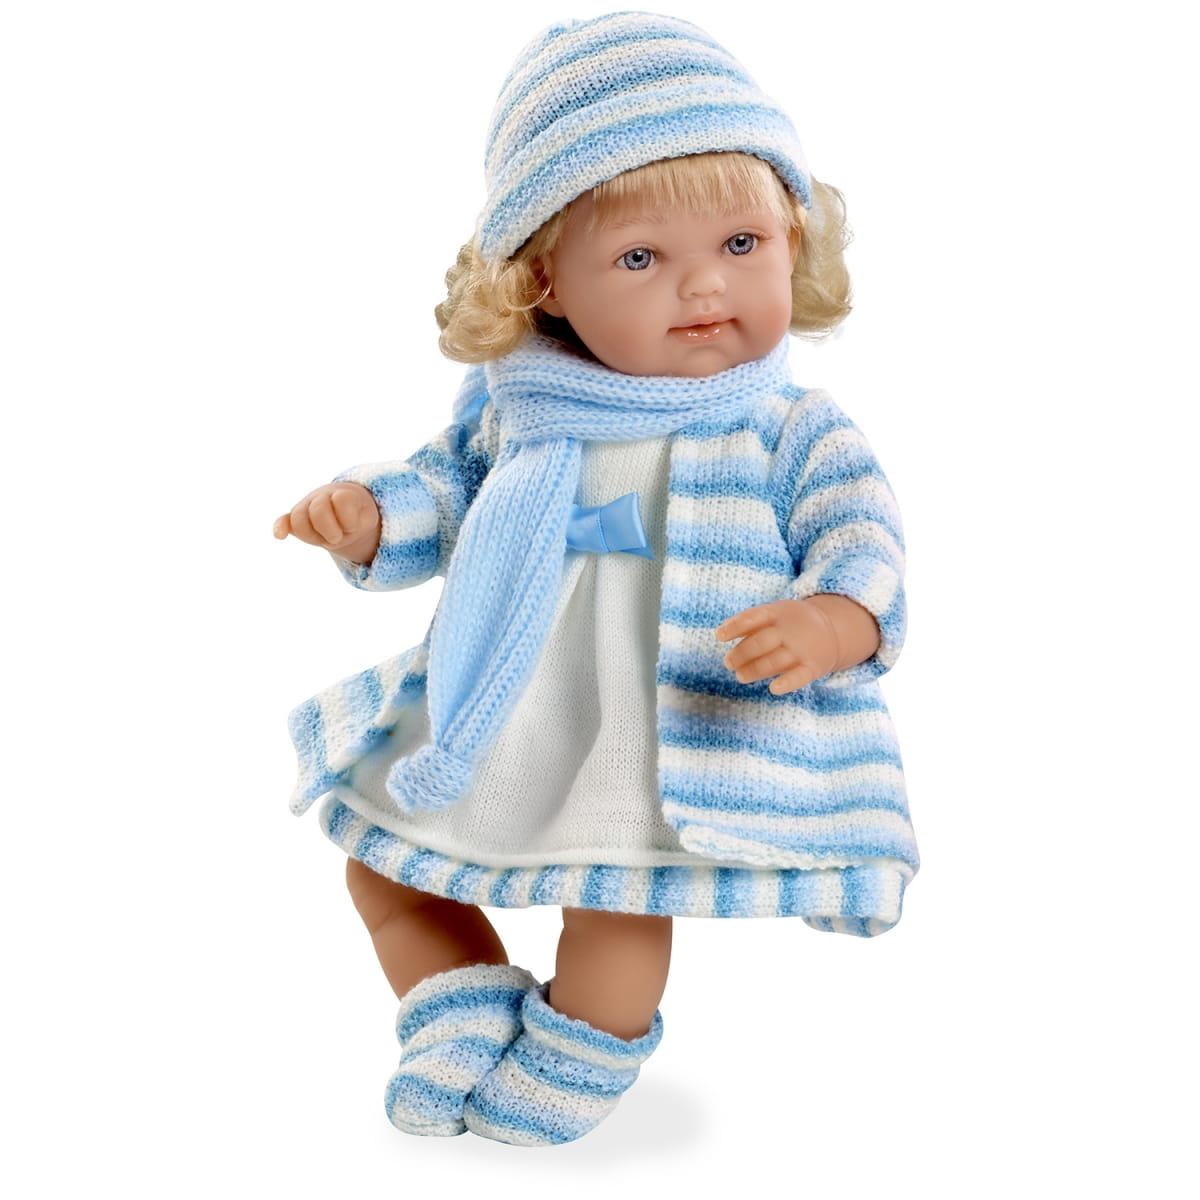 Пупс Arias Т59785 в голубом вязаном пальто - 33 см